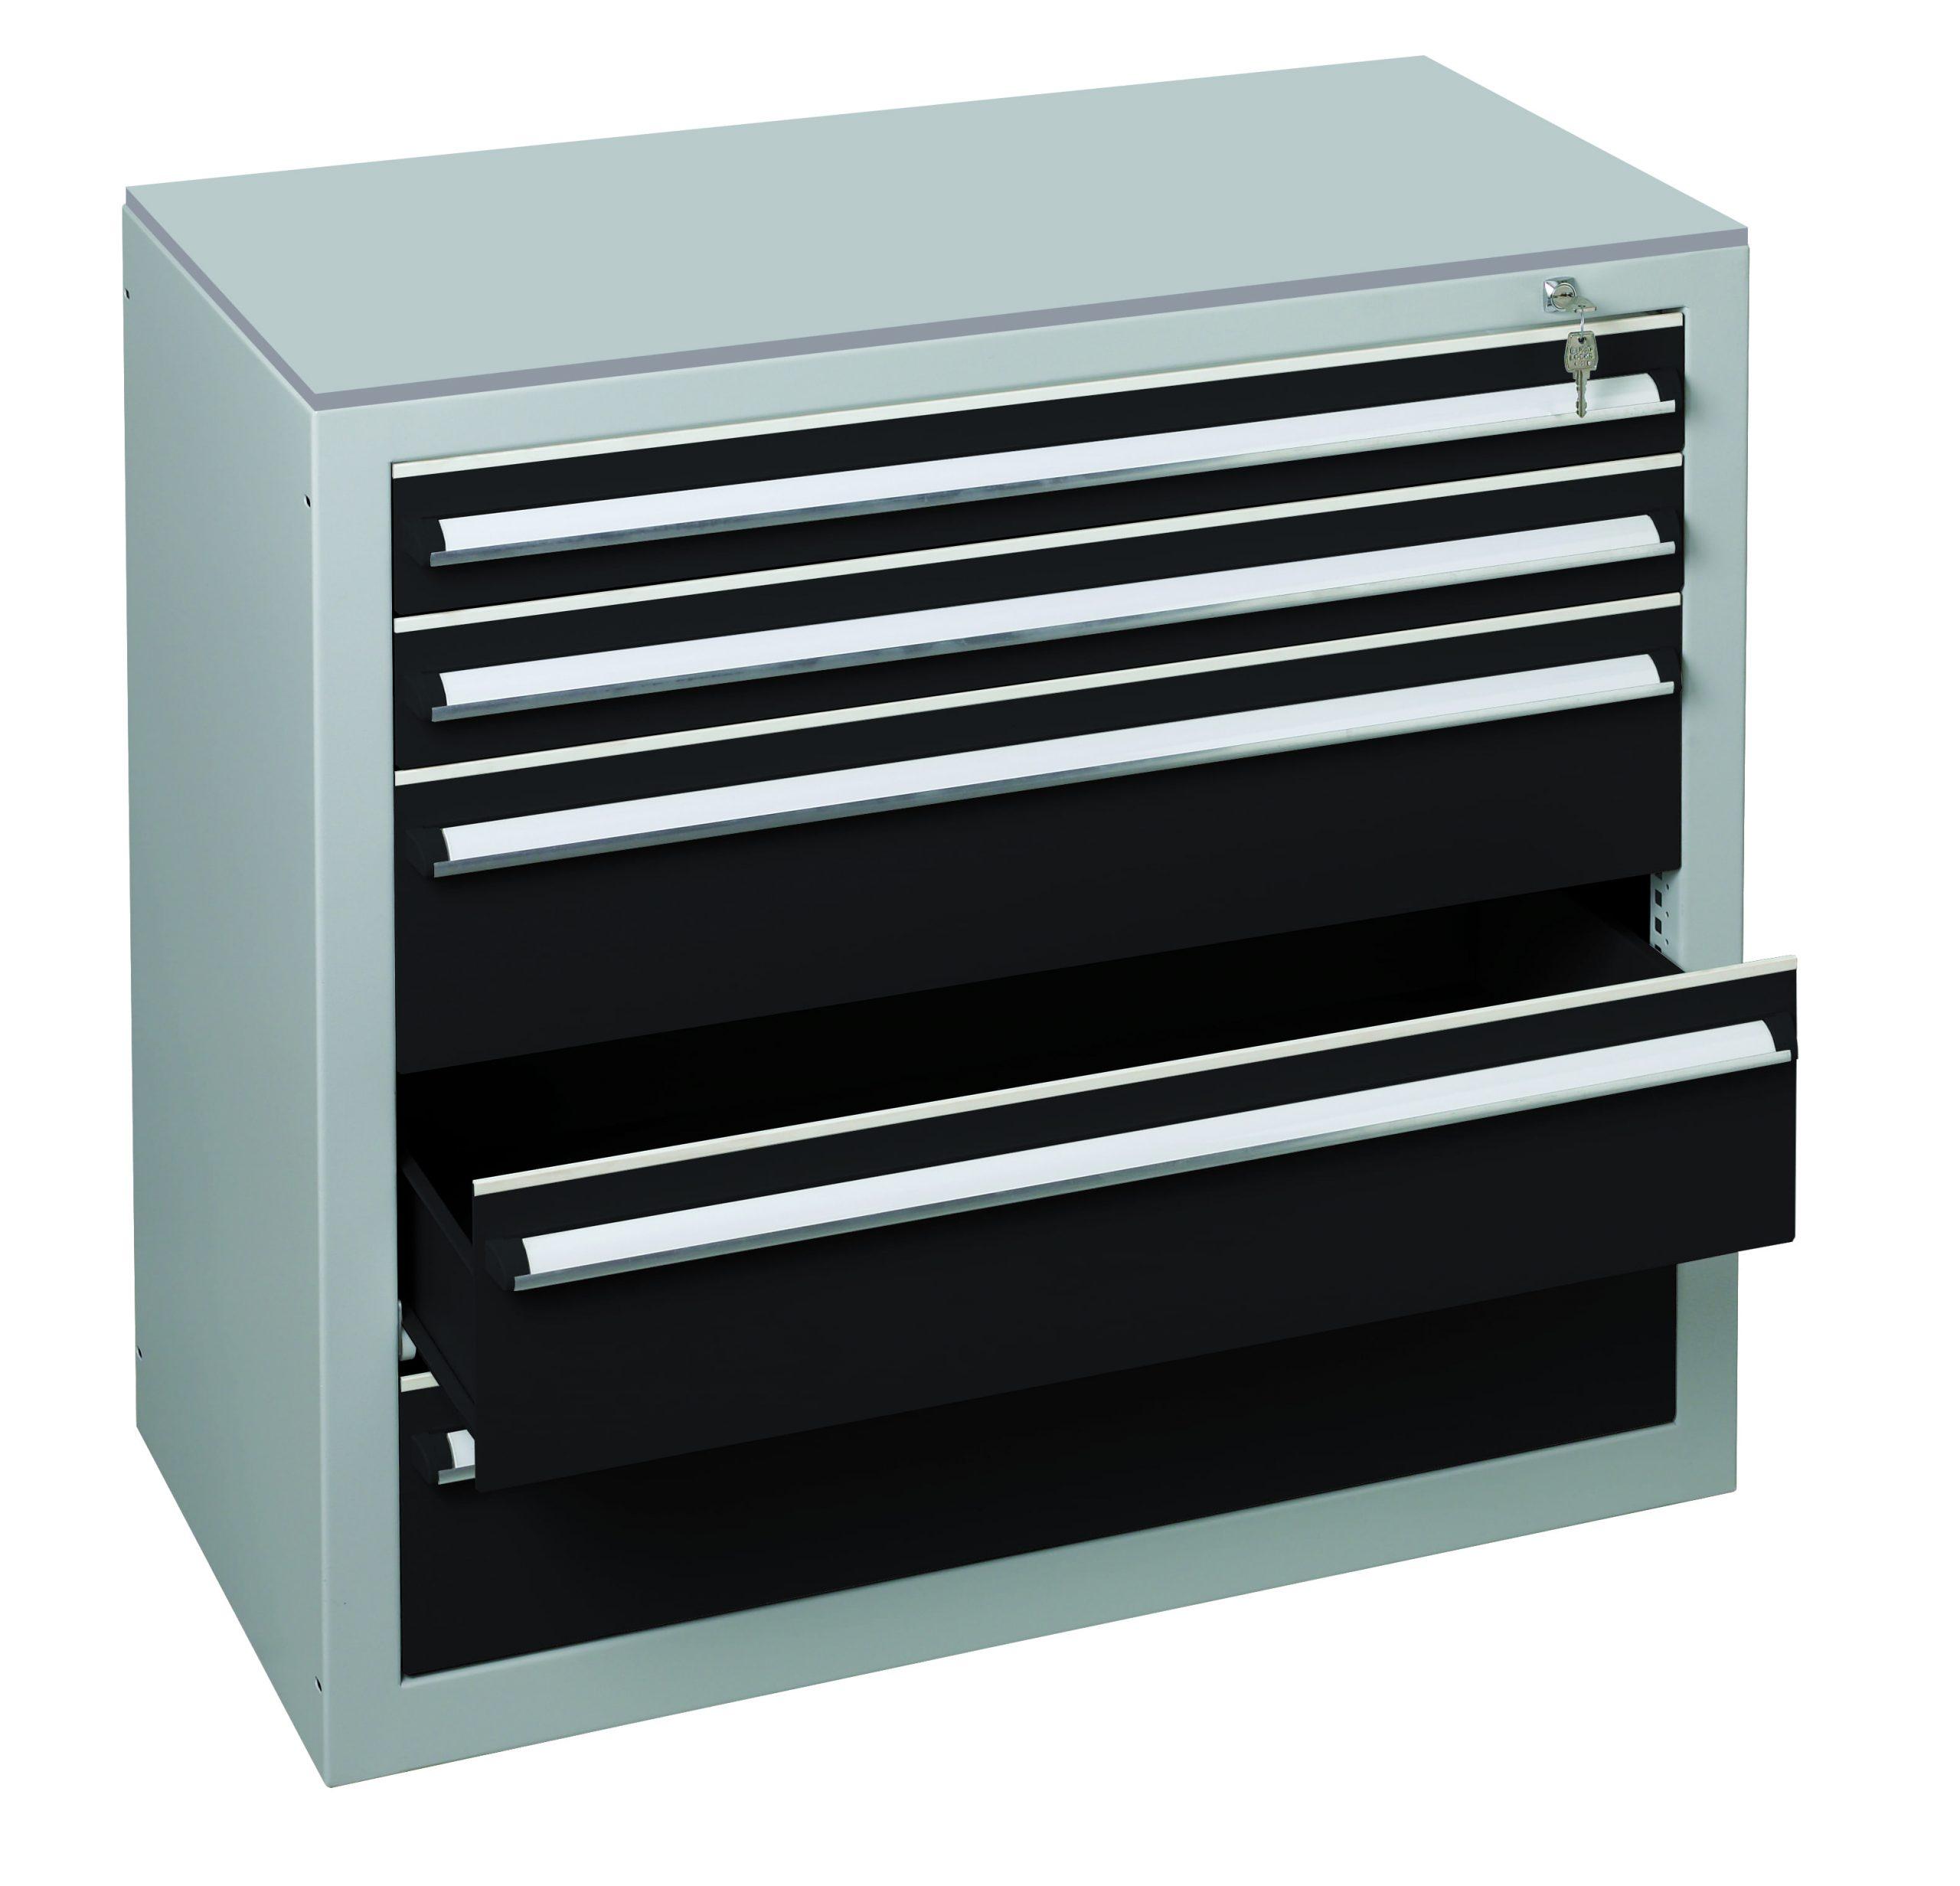 Schubladenblock für Fachbodenregal SCHULTE Lagertechnik  900×500 mm HxT – 3 Laden 200 mm, 2 Laden 100 mm